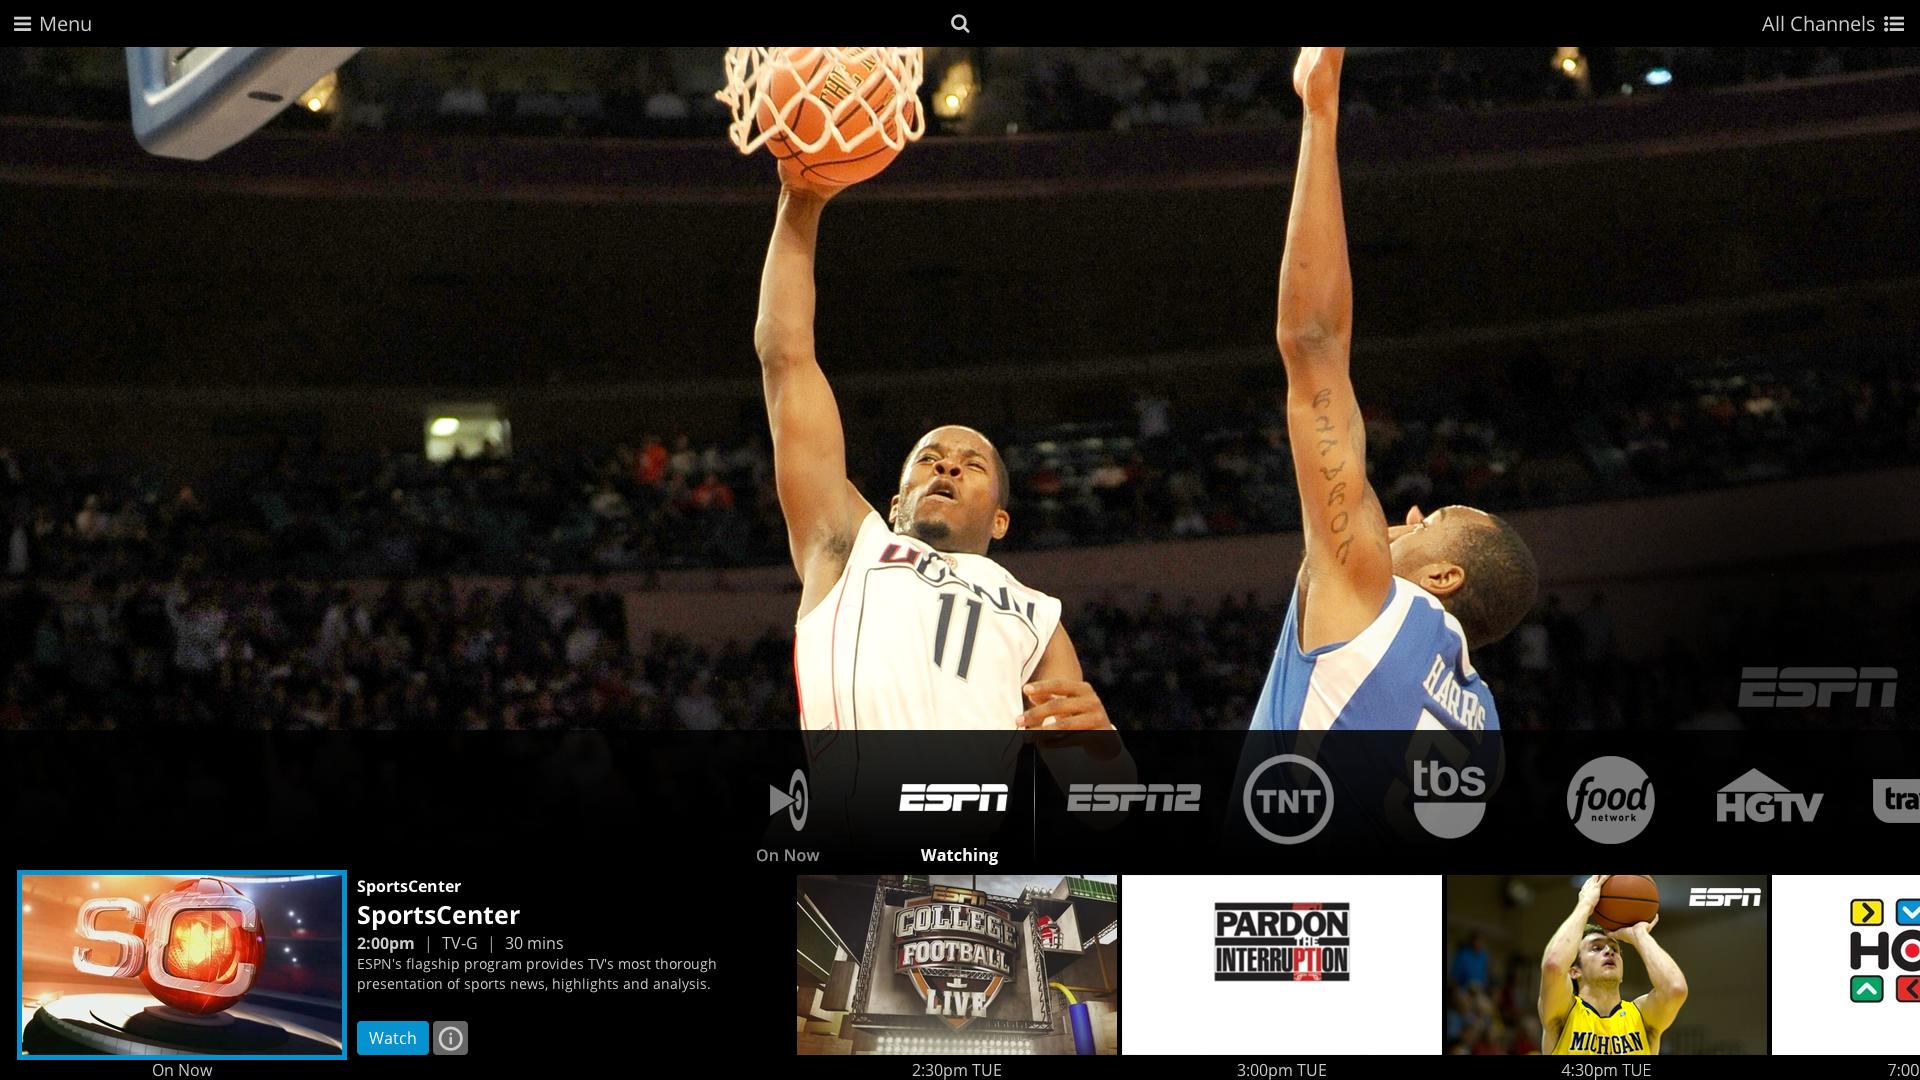 Screenshot of a basketball player raising ball into net